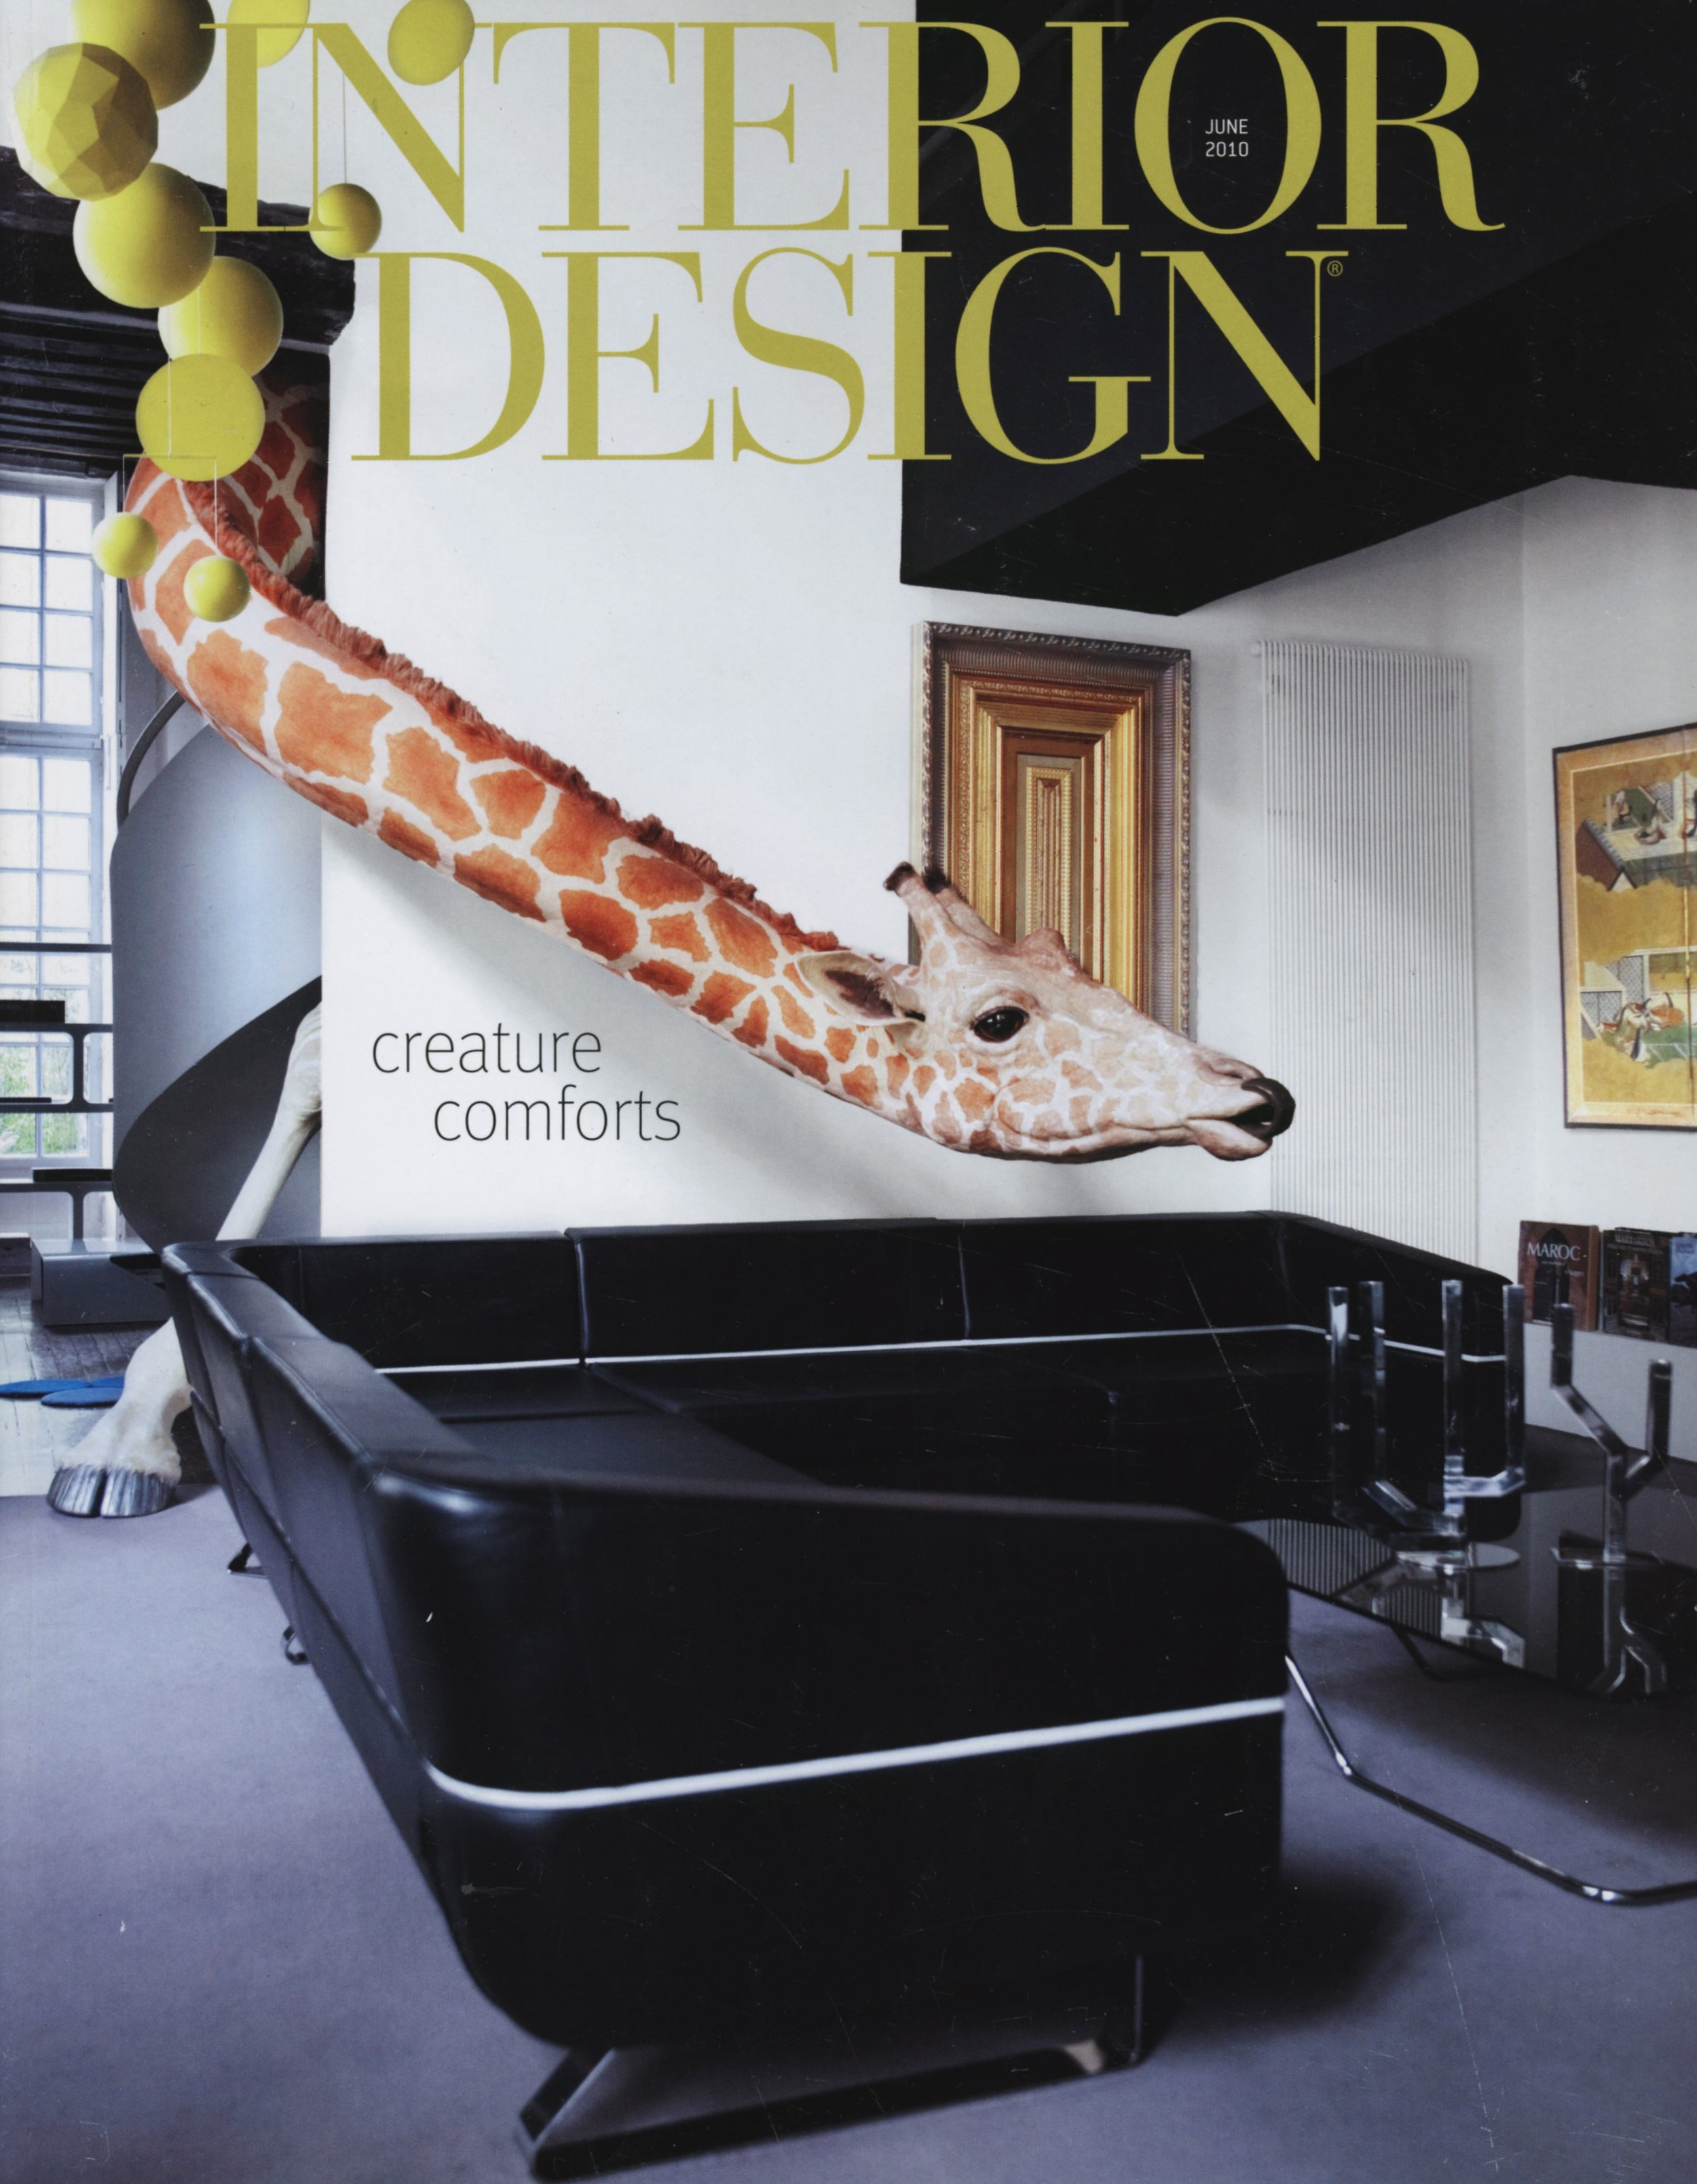 Matters of Design, Interior Design, 2010